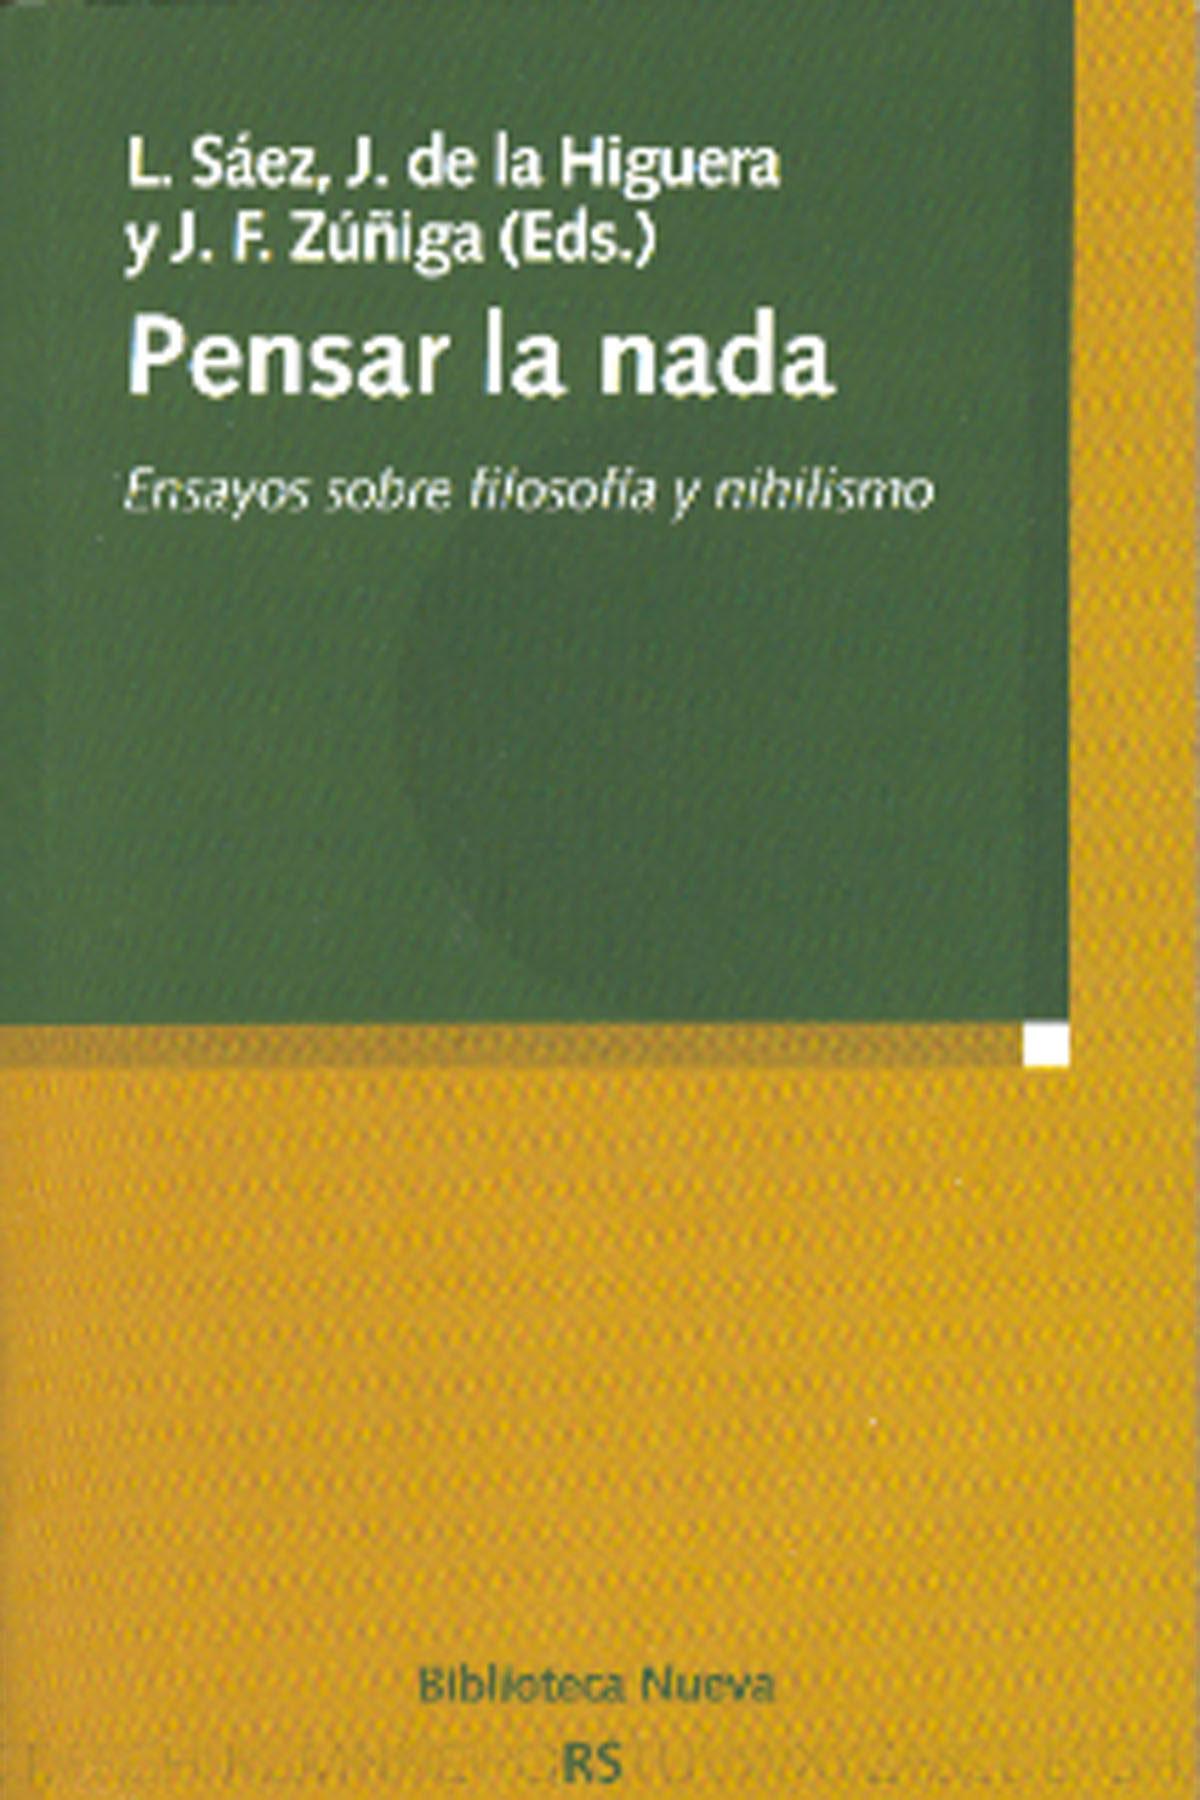 Pensar La Nada: Ensayos Sobre Filosofia Y Nihilismo por L. Saez;                                                                                    J. De La Higuera epub